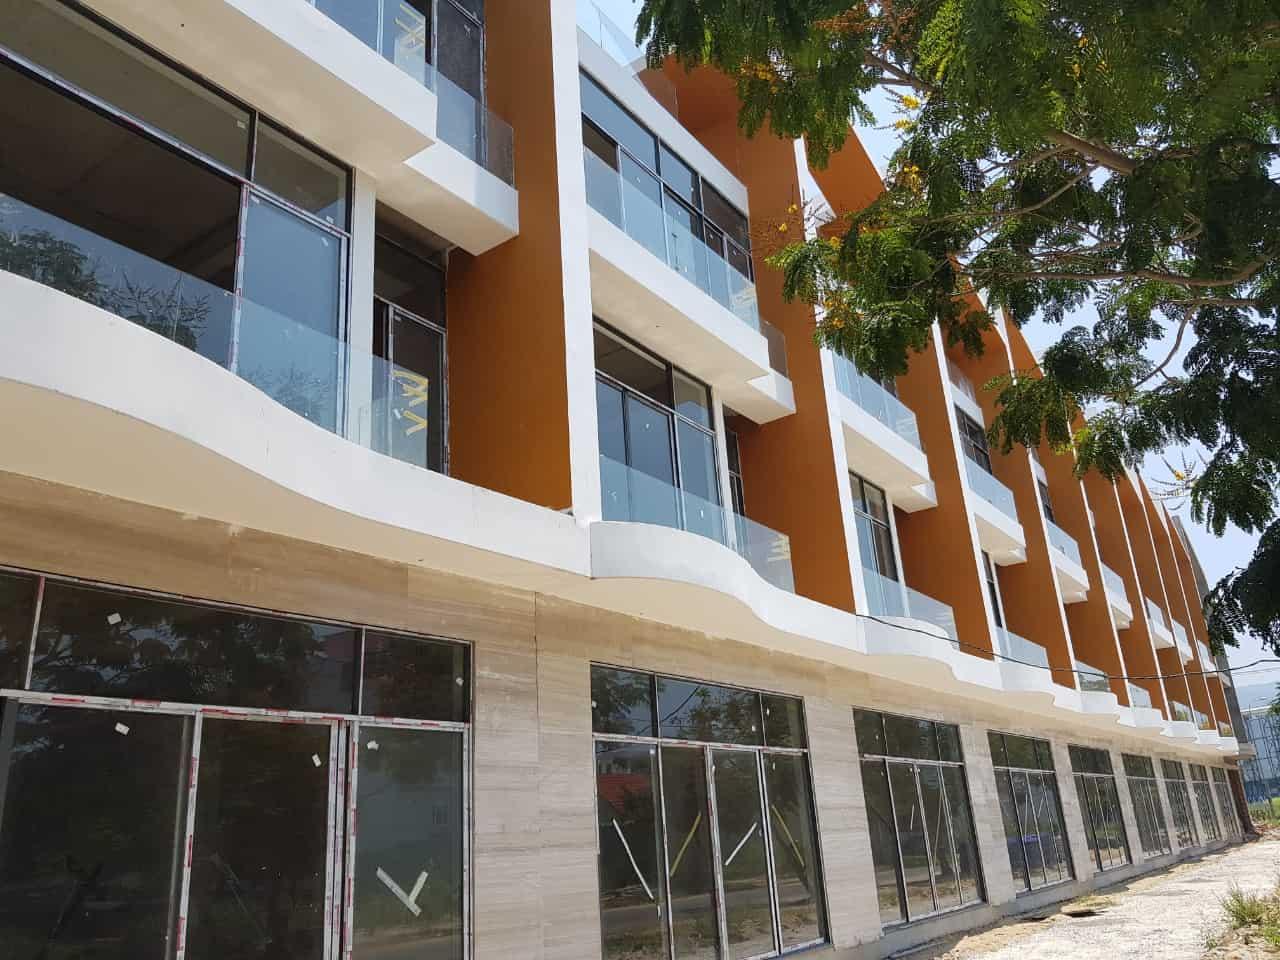 Chuyển định cư vào Hồ Chí Minh cần bán gấp căn nhà 2 mặt tiền đường Trần Hưng Đạo giá 5.1 tỷ